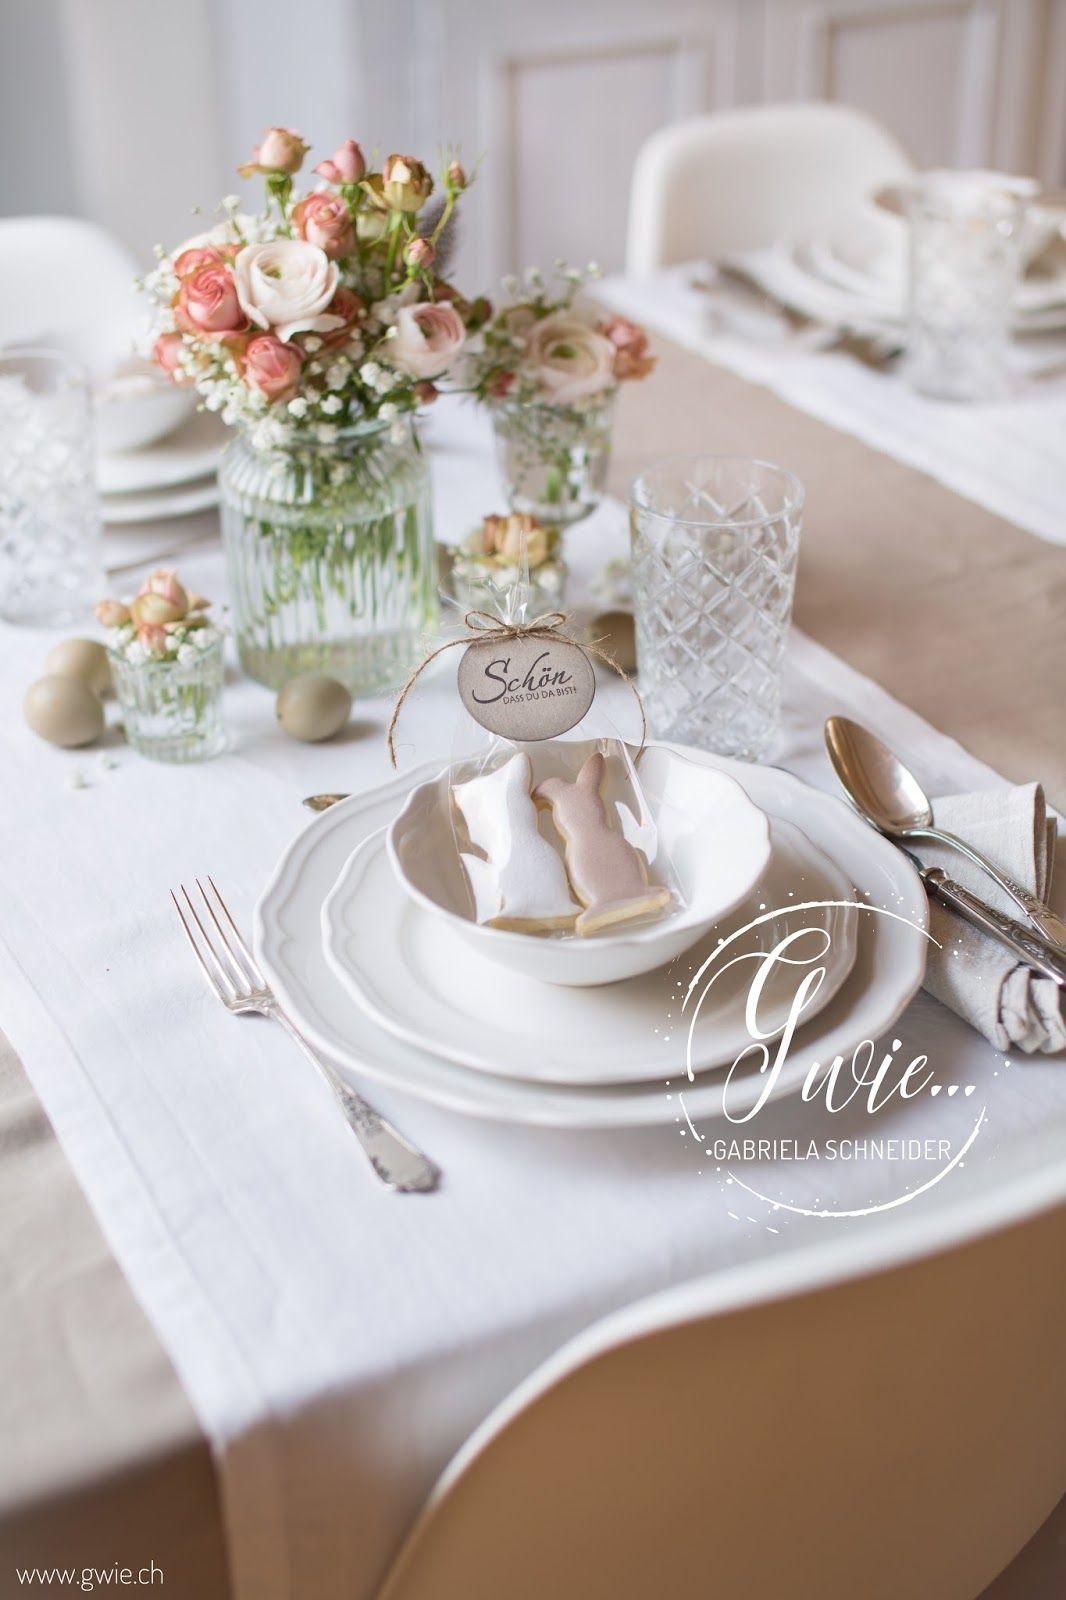 Tisch Gedeckt Tischdeko Tisch Eindecken Ostern Zaubercake Cake Mit Osterhase Ikea Geschirr Ikea Tischei Tisch Eindecken Geschirr Ikea Tisch Dekorieren